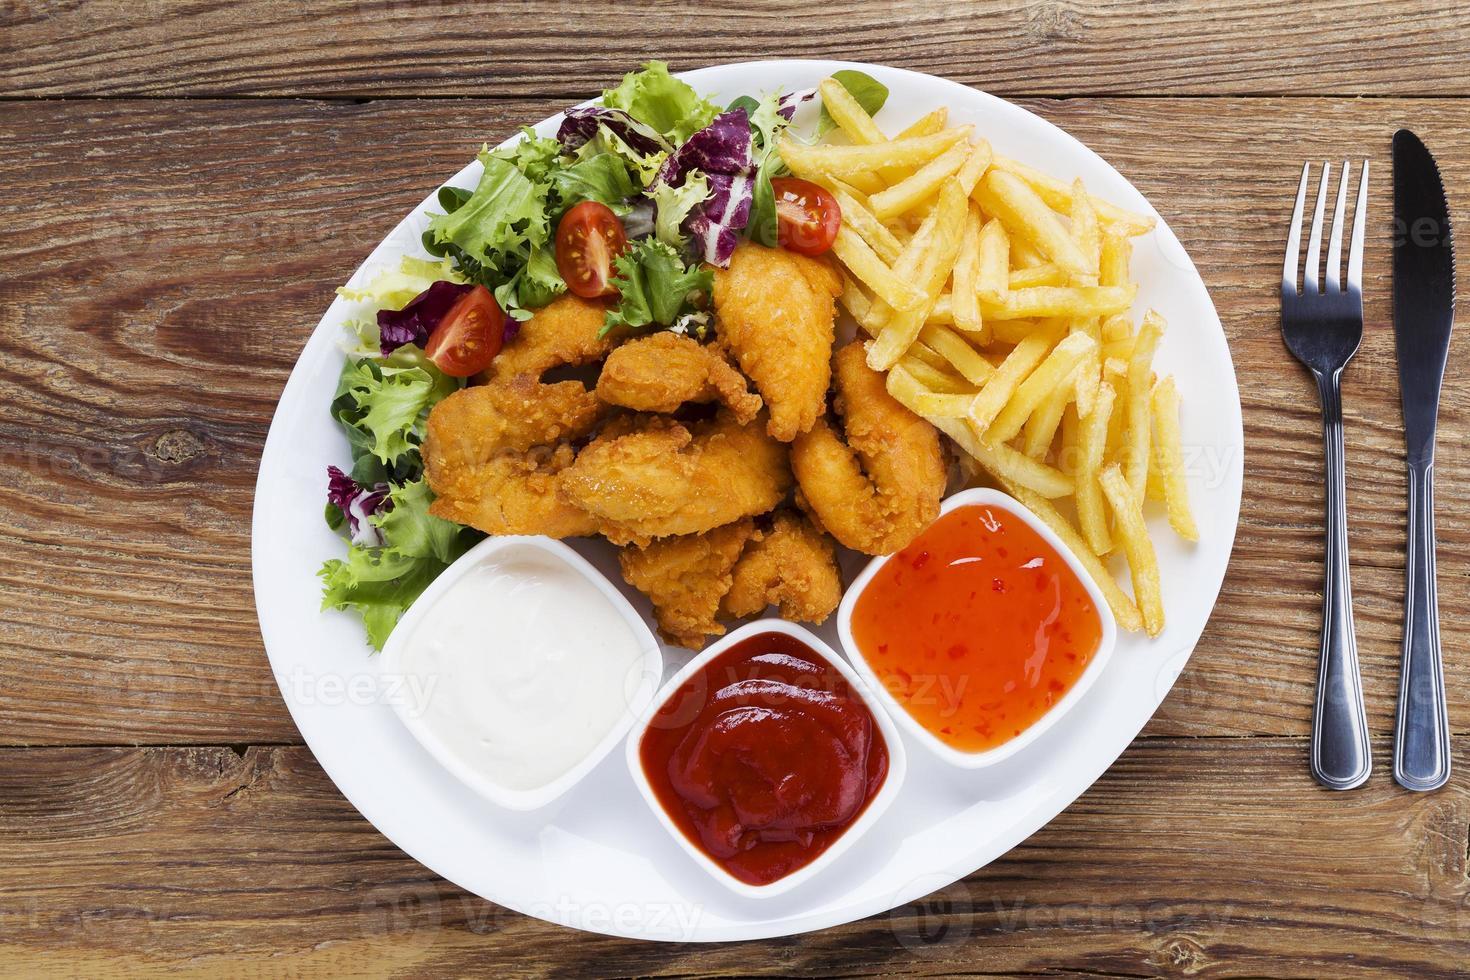 pépites et frites servies avec trempette et salades photo